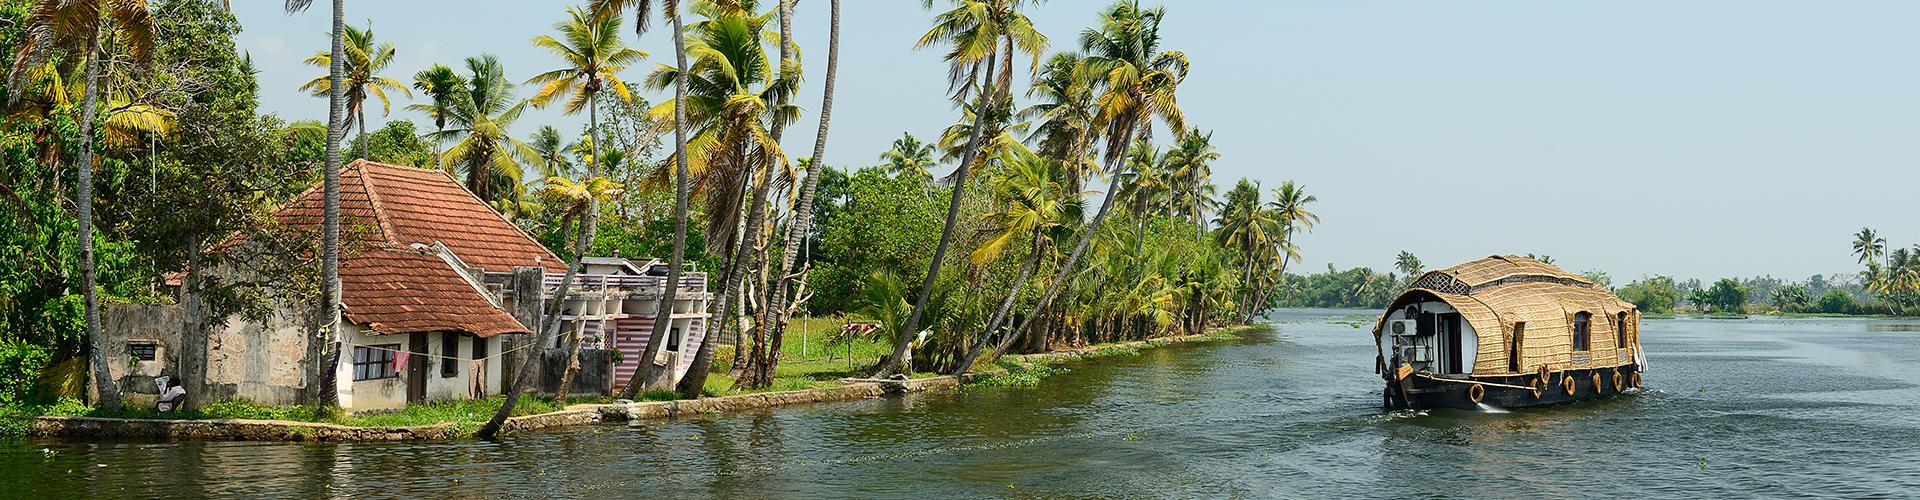 Kerala and South India